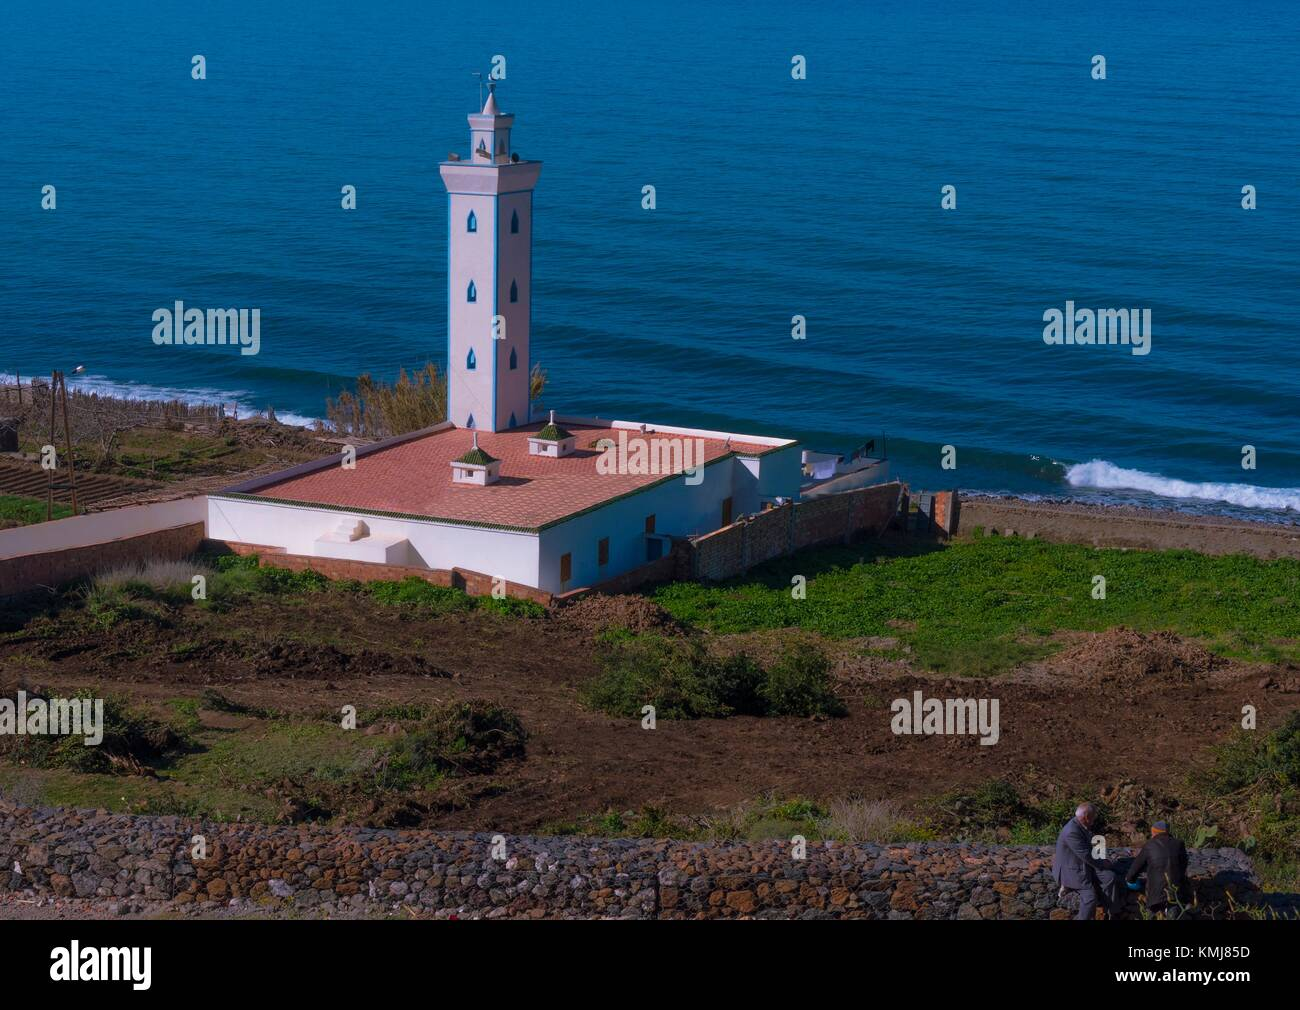 Morocco, Mediterranean coast, between Al Hoceima and Nador. - Stock Image